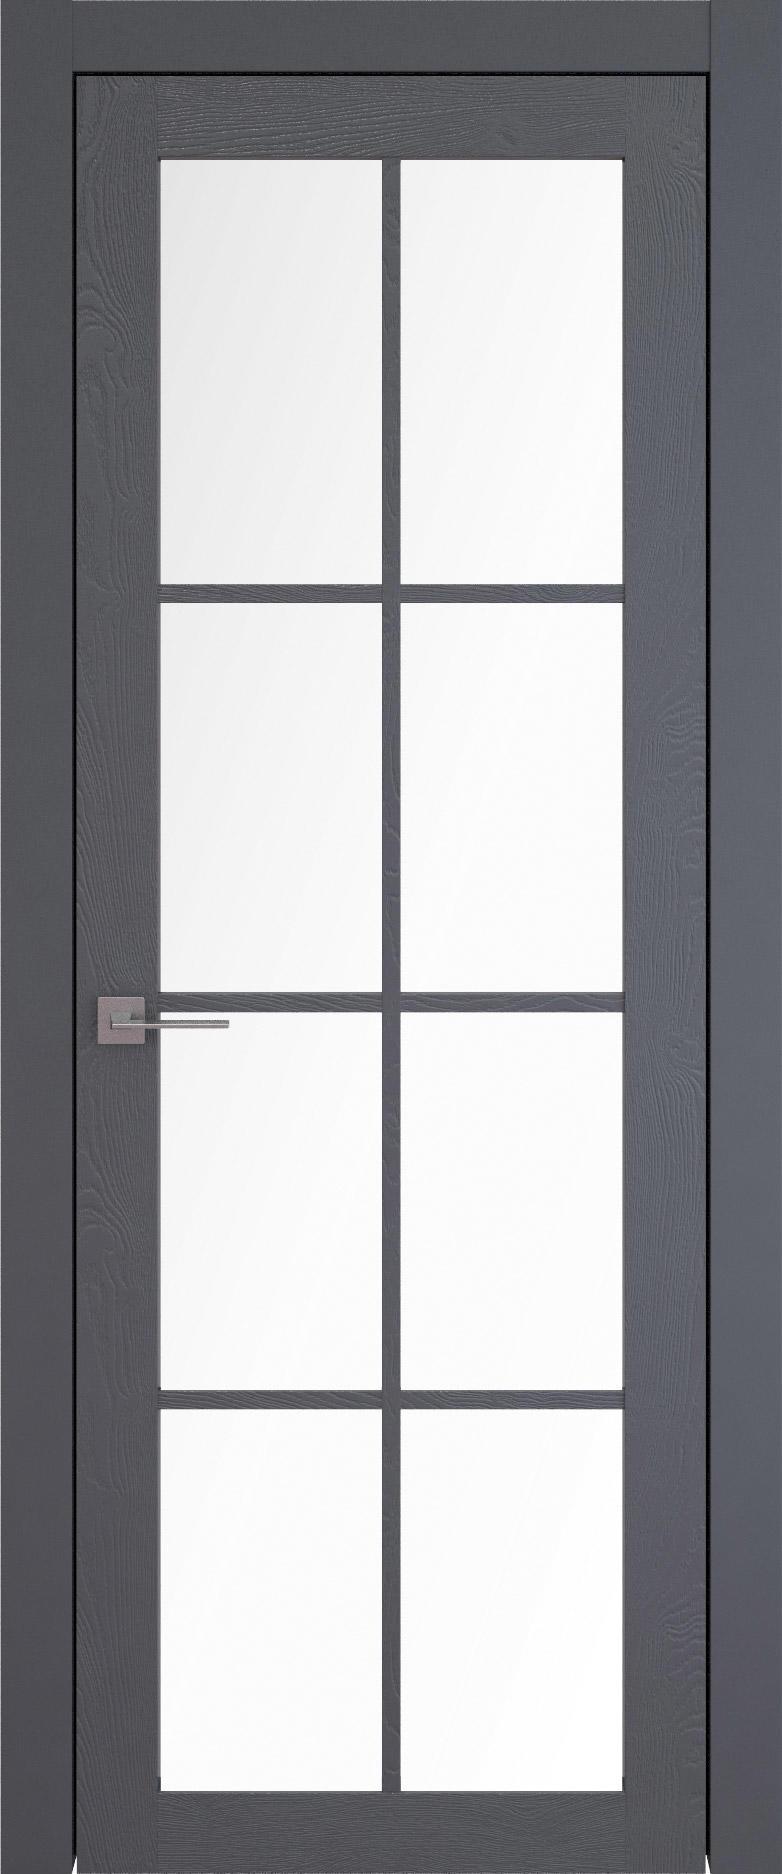 Tivoli З-5 цвет - Графитово-серая эмаль по шпону (RAL 7024) Со стеклом (ДО)